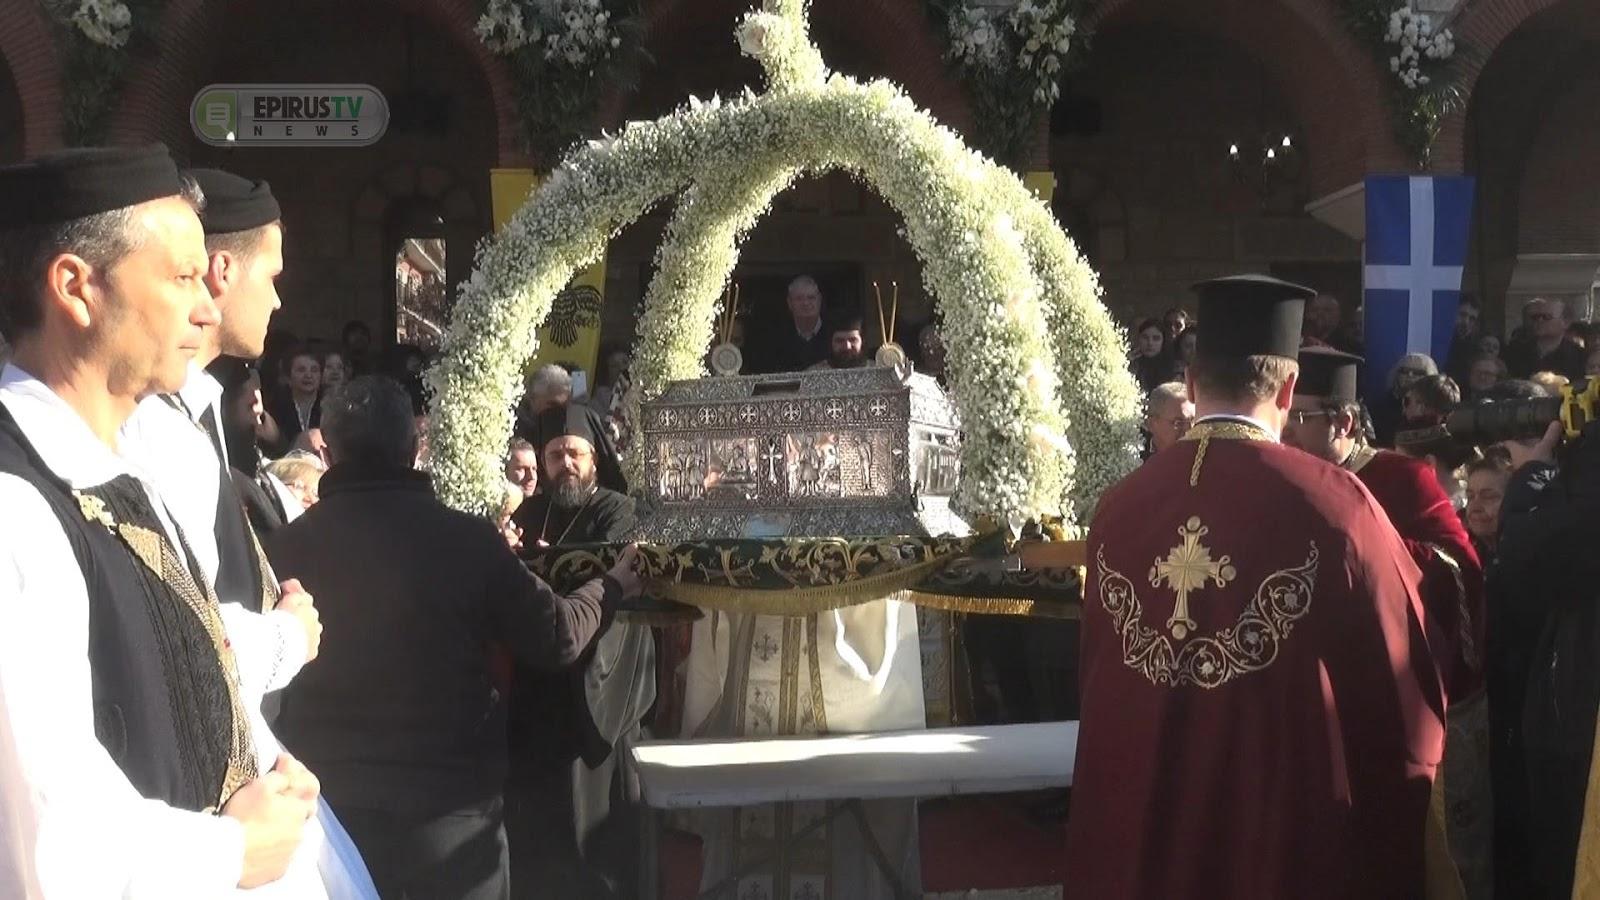 Τα Ιωάννινα γιόρτασαν τον Πολιούχο τους Νεομάρτυρα Άγιο Γεώργιο![φωτό-βίντεο]